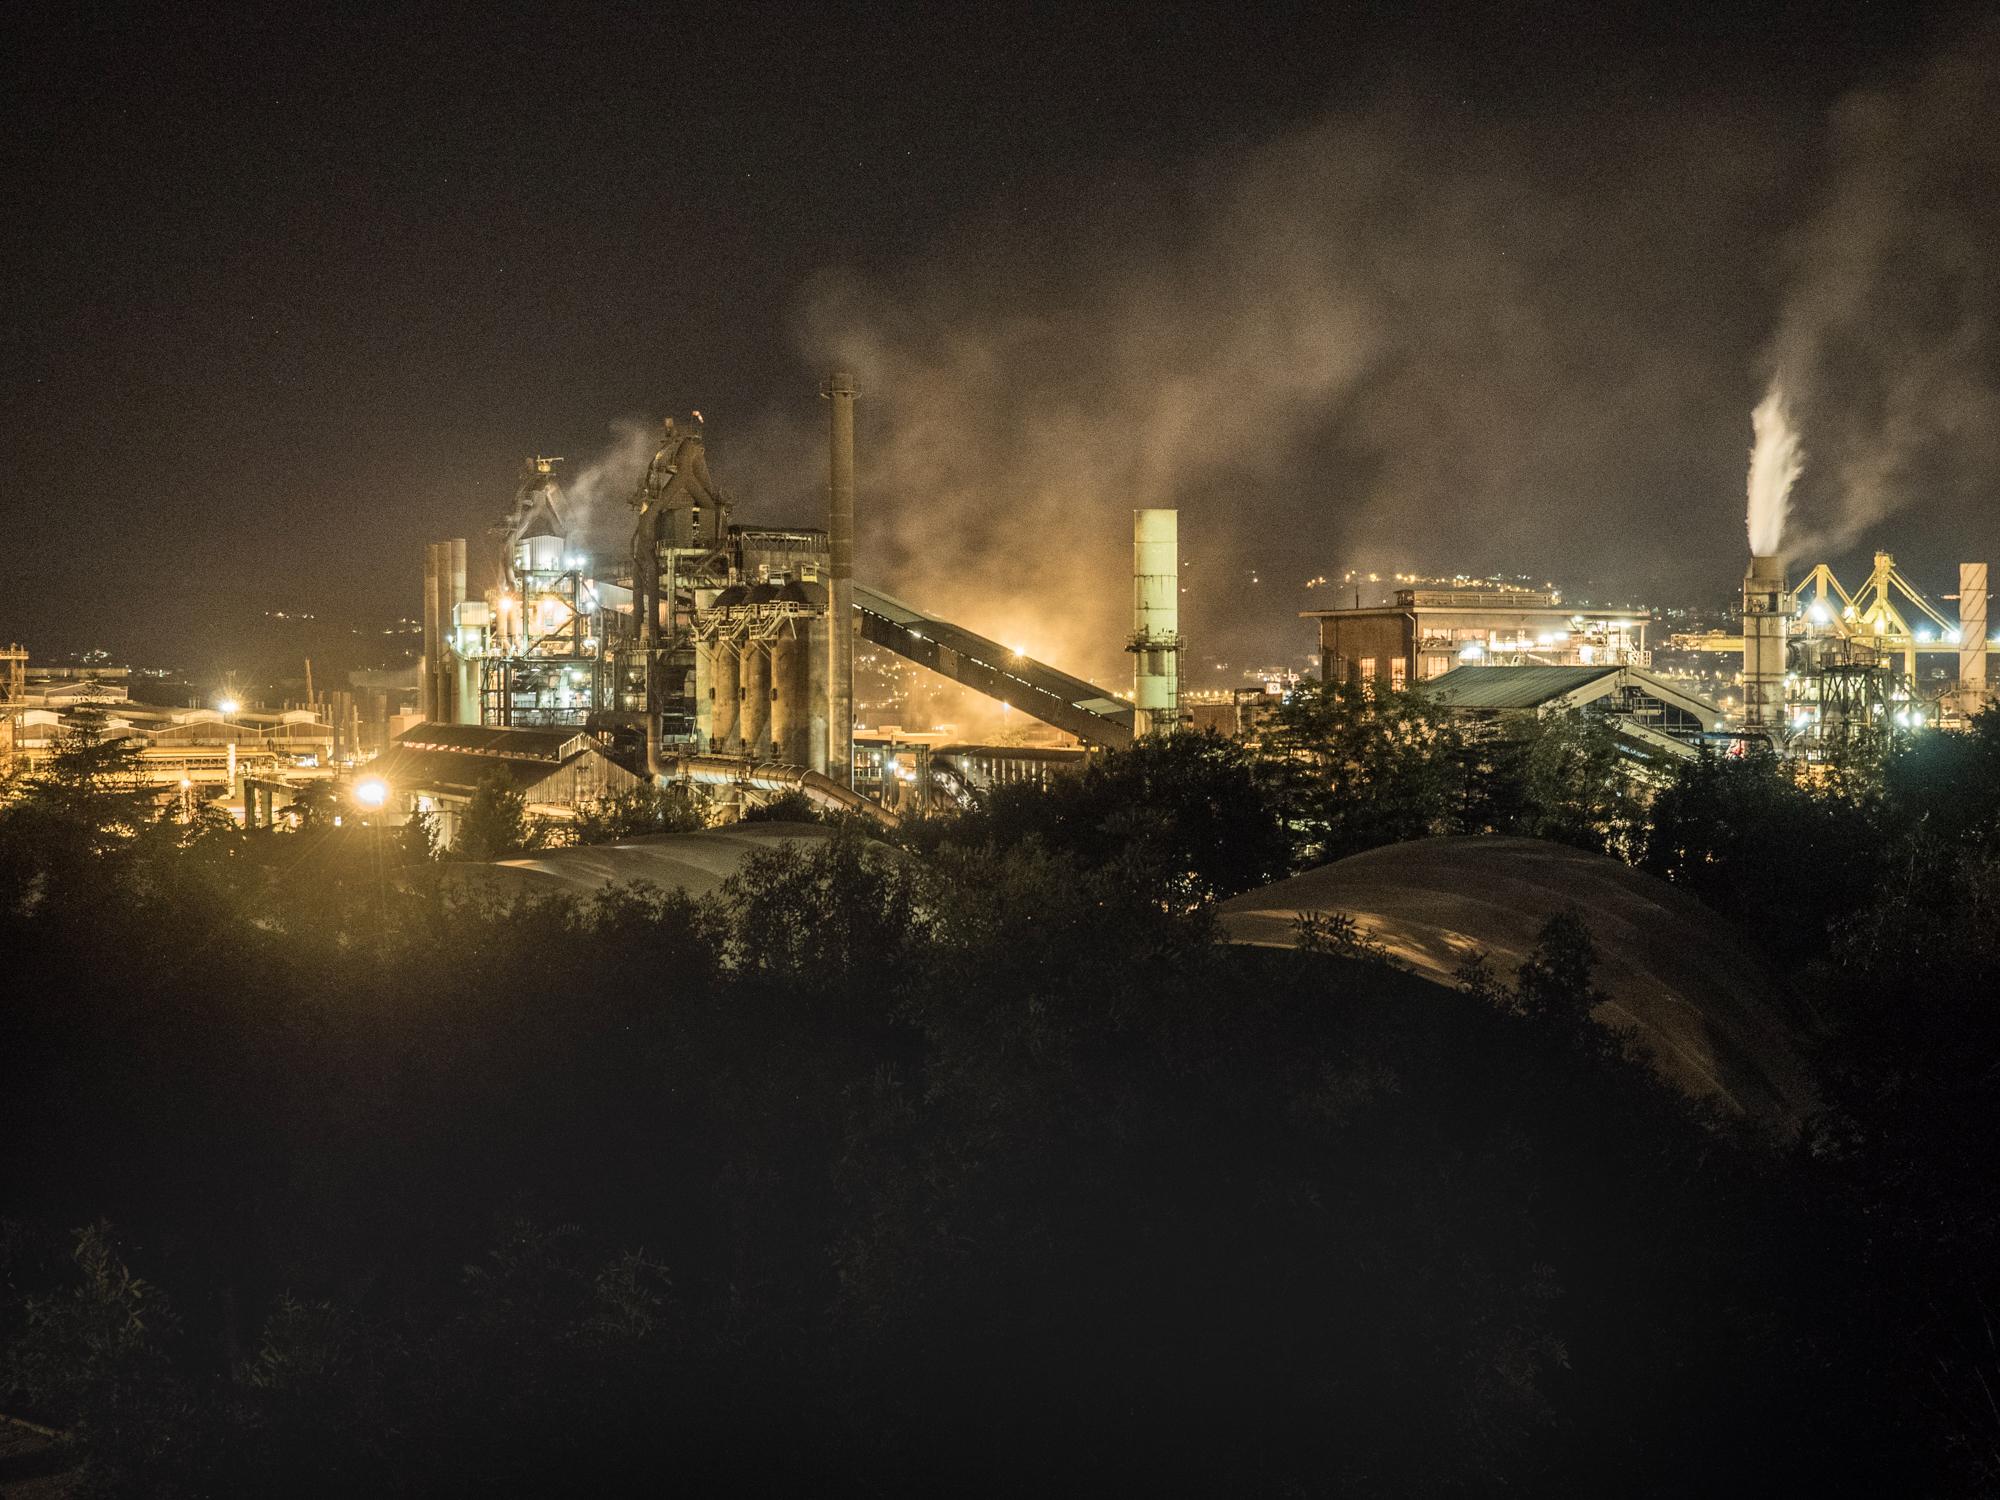 Veduta notturna dell' imponente impianto siderurgico della Ferriera di Servola , Trieste 2015.